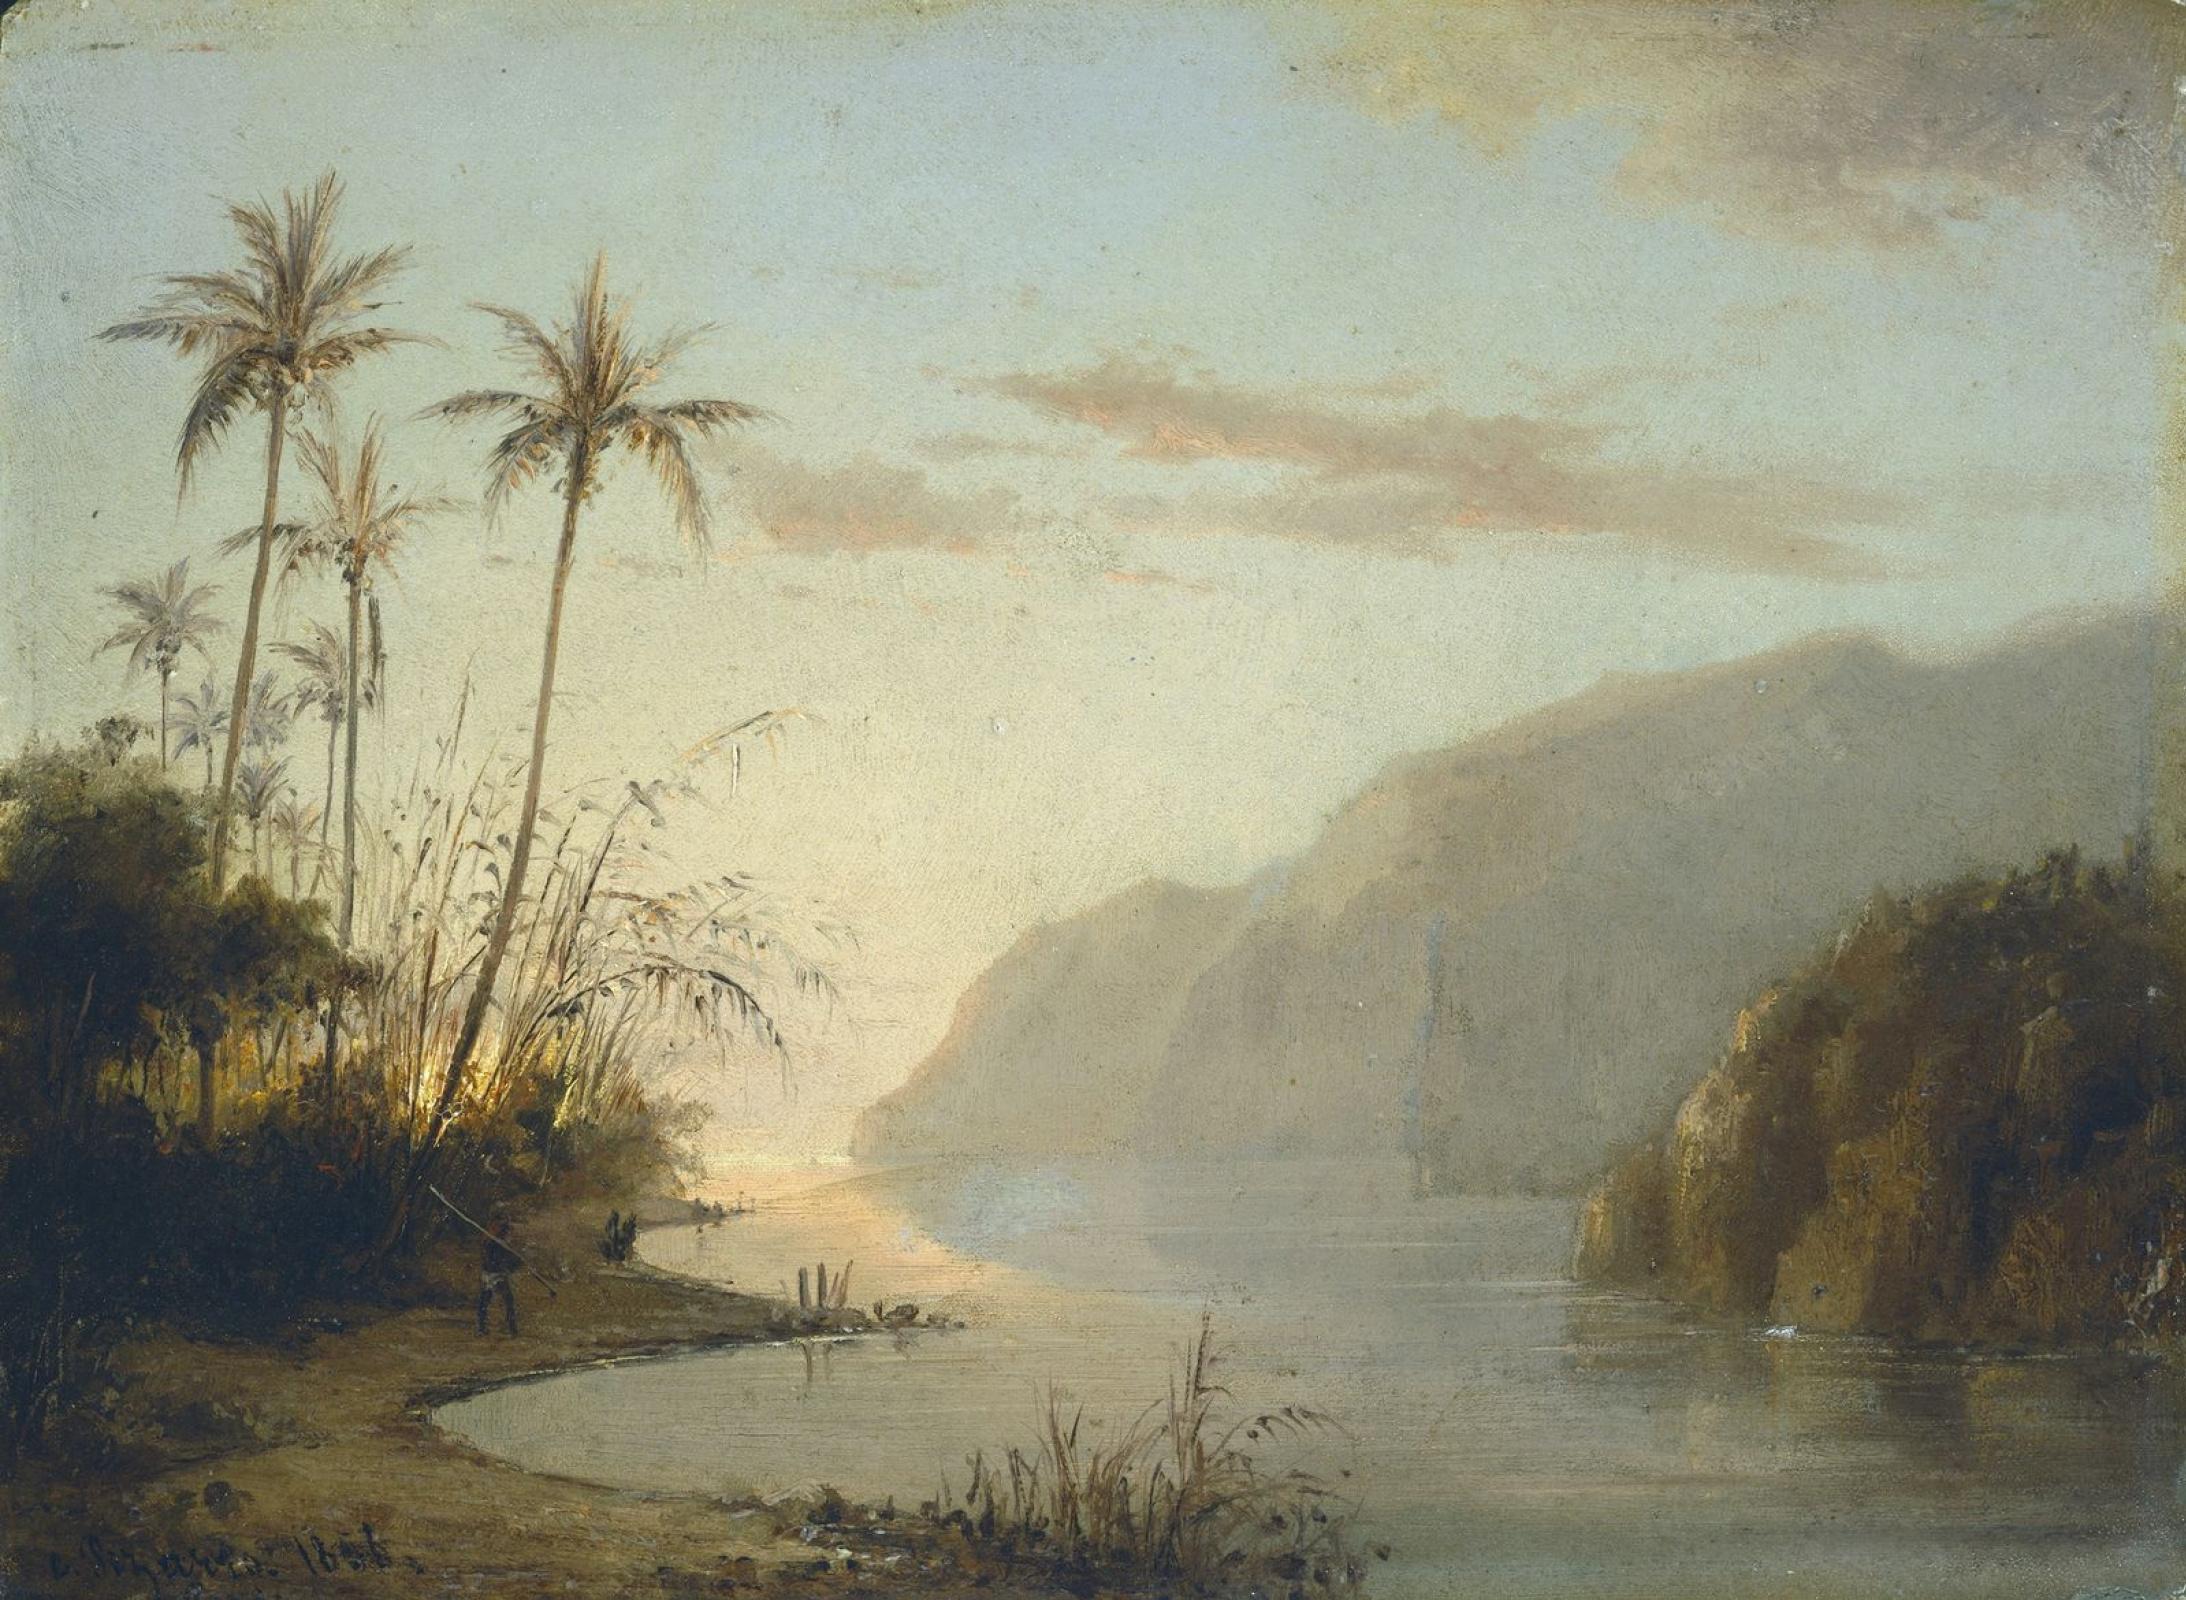 Камиль Писсарро. Залив в Сент-Томас